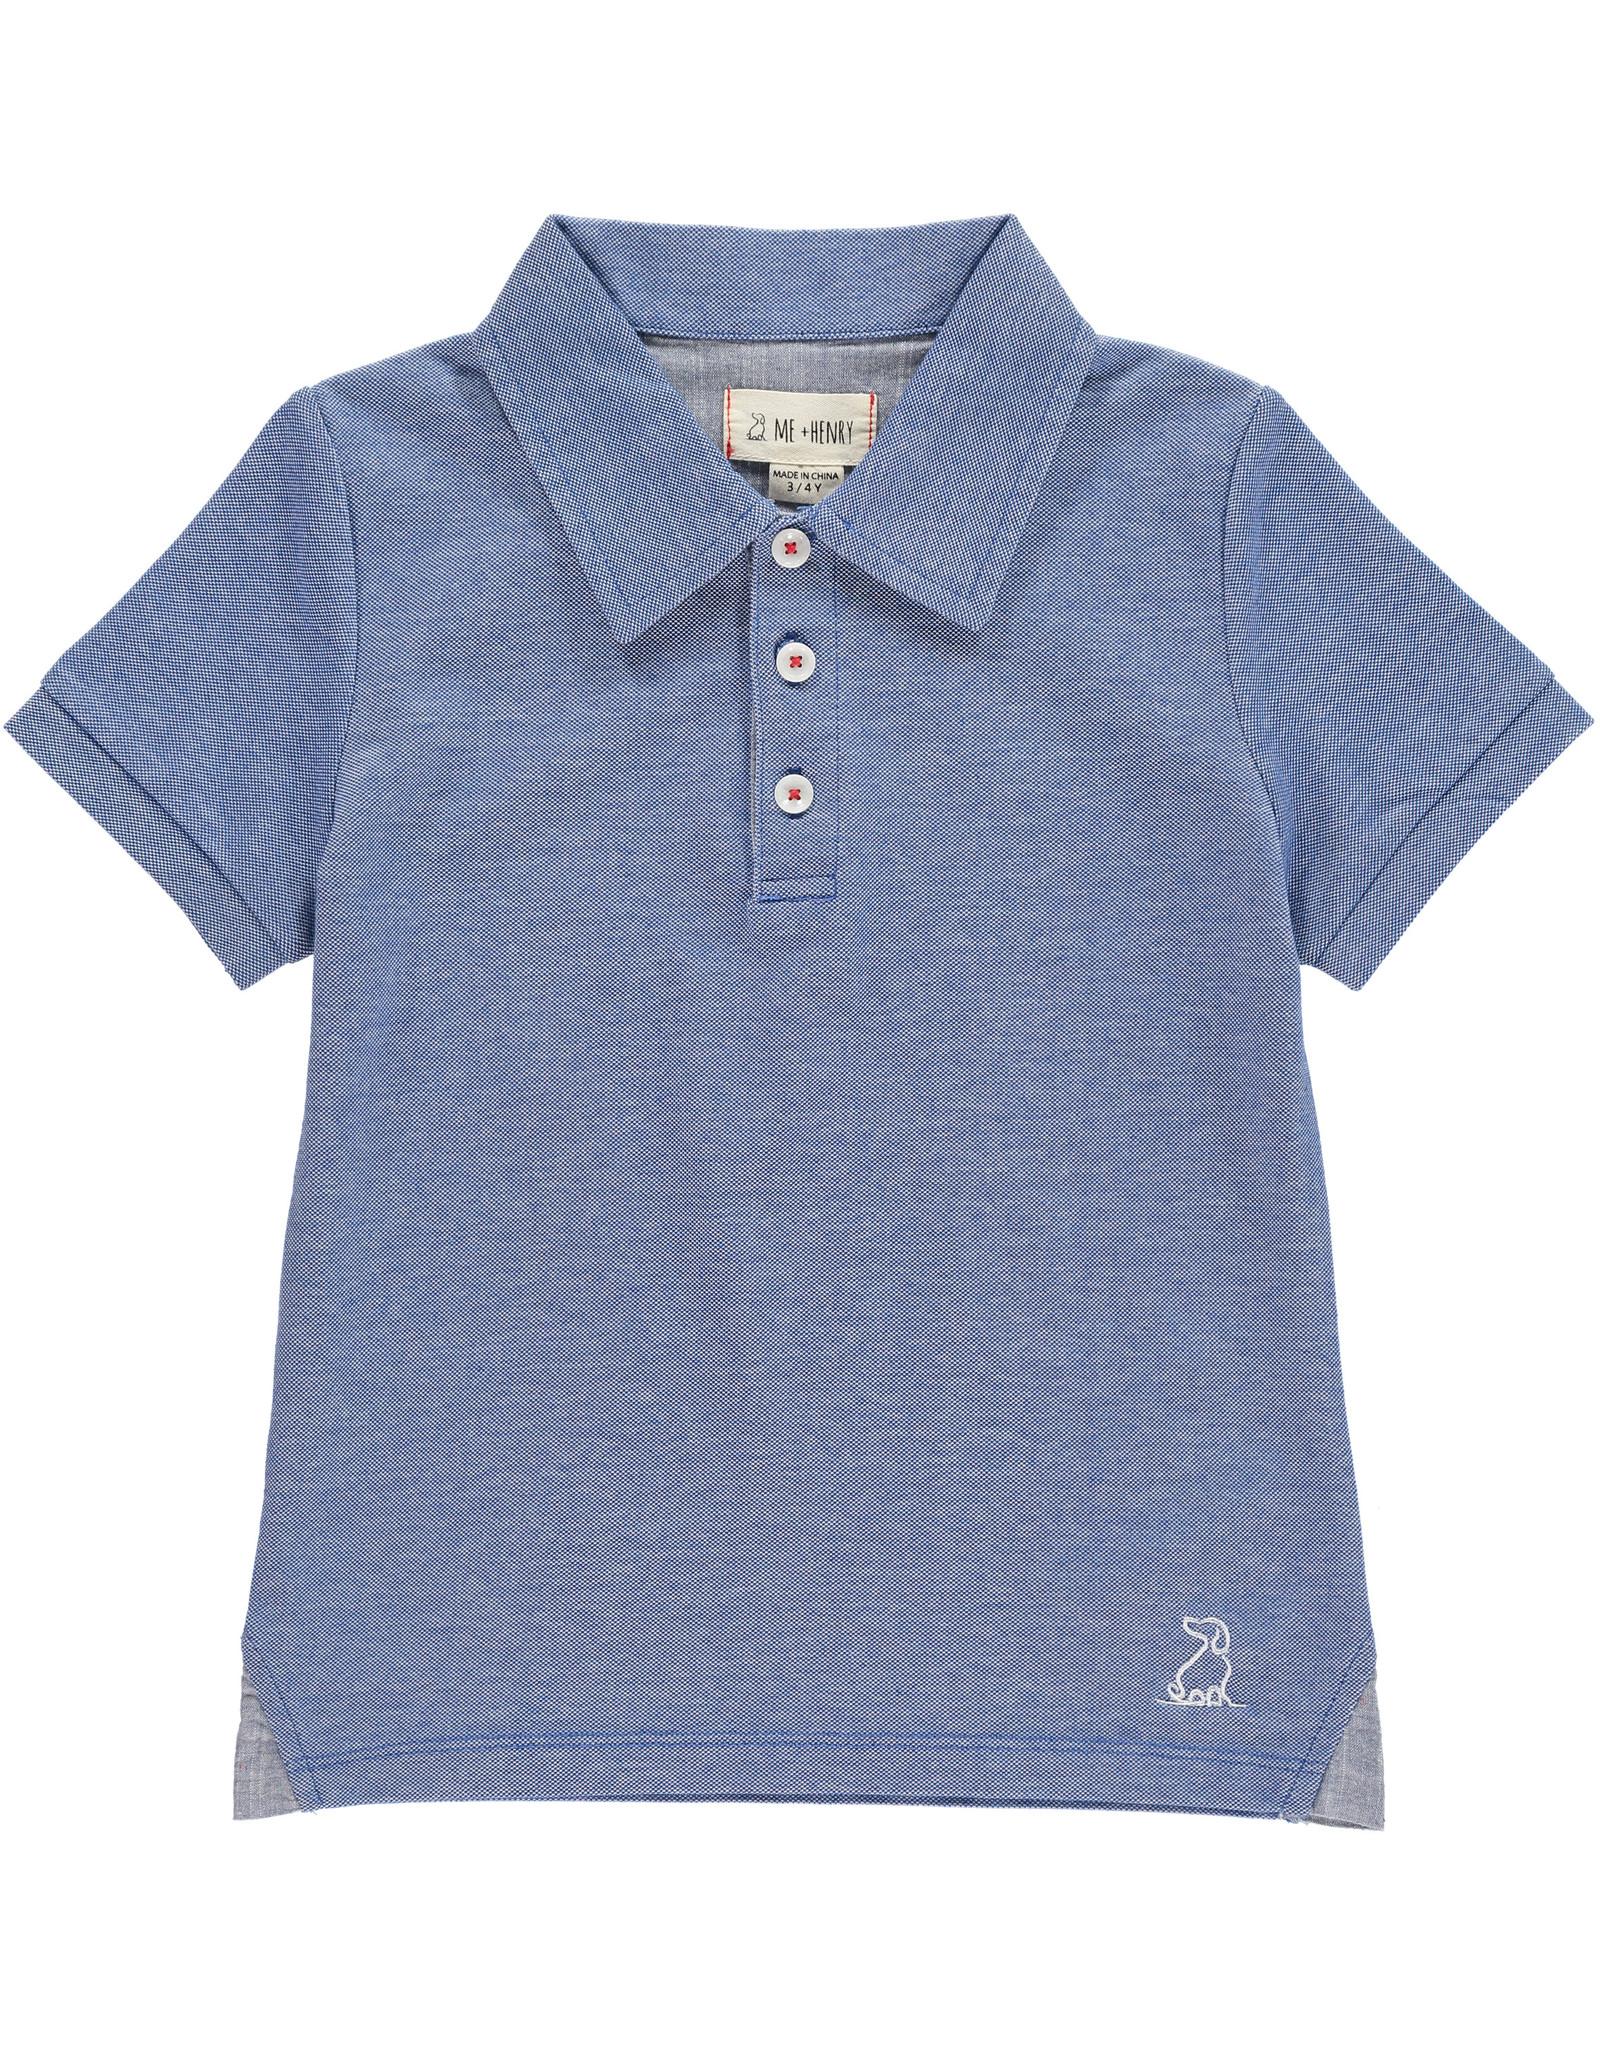 Blue Pique Polo - BB